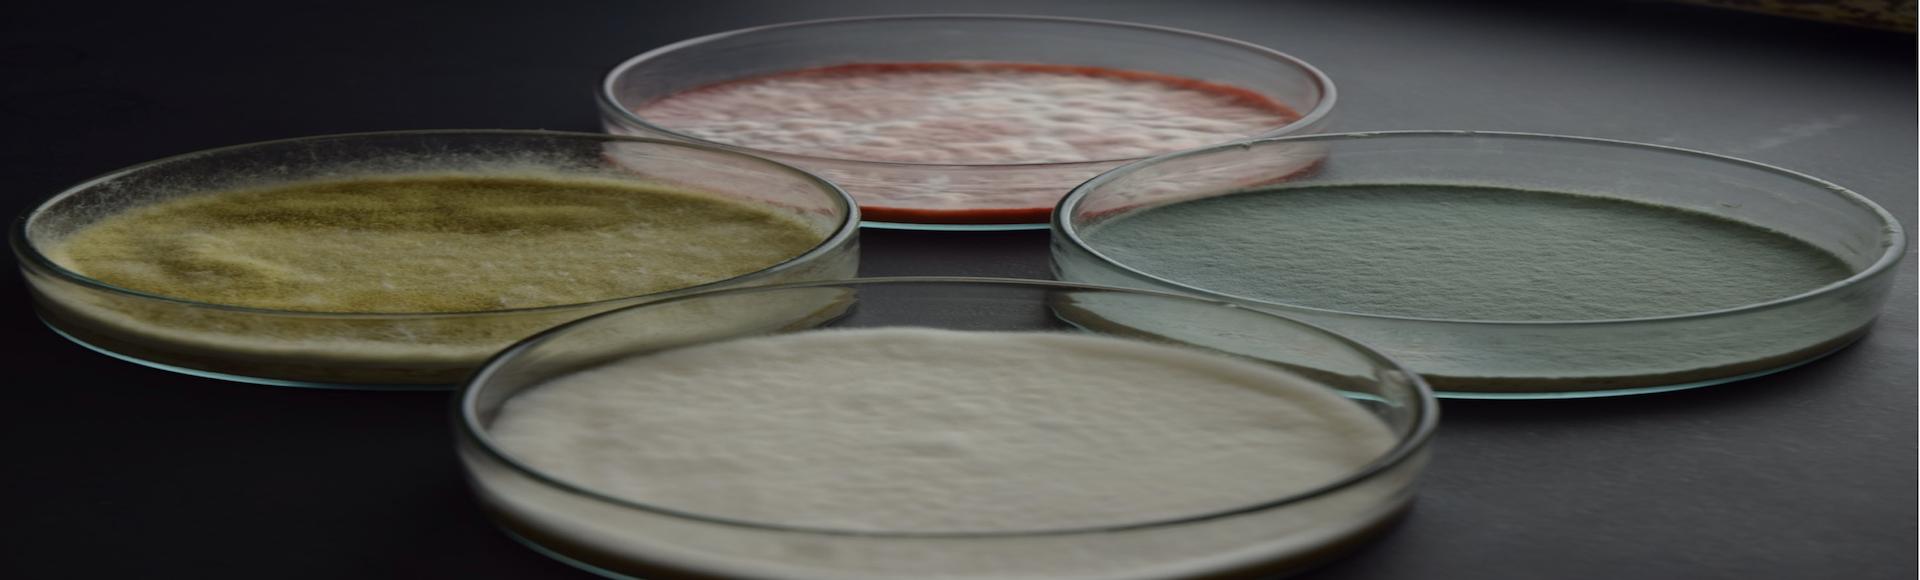 食用微生物の潜在能力を最大限に活かしてみる